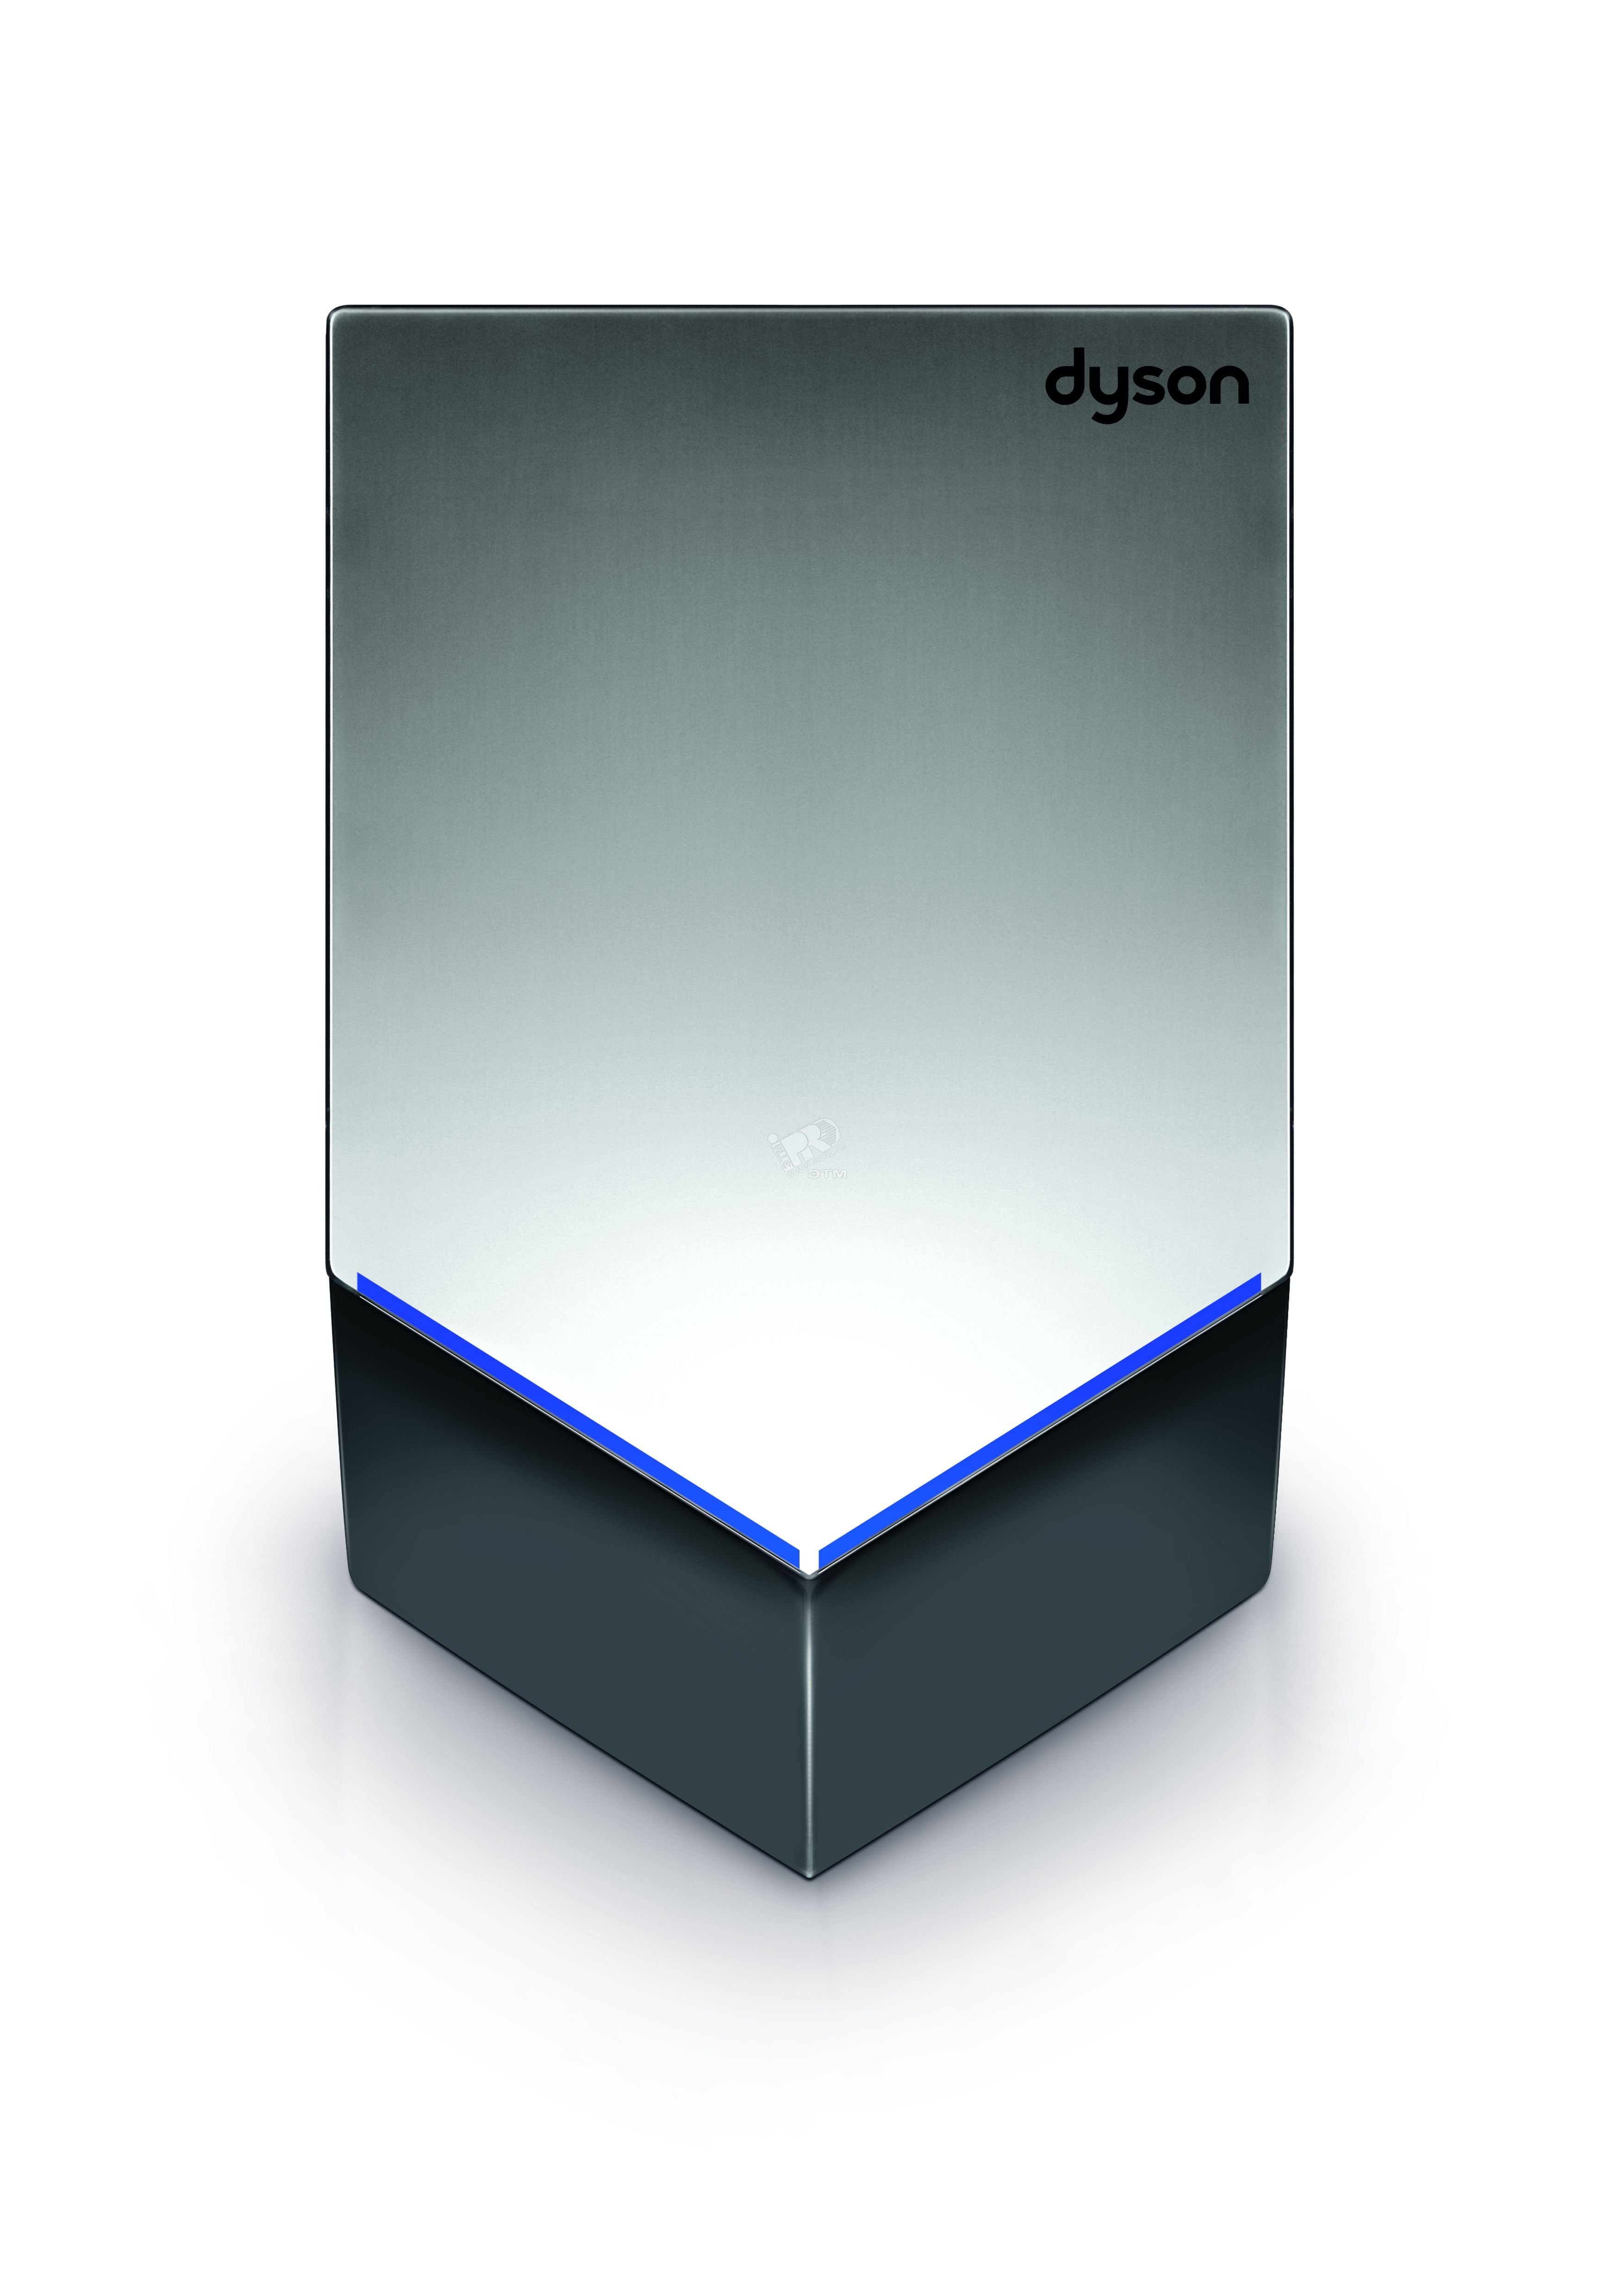 Рукосушитель dyson купить купить dyson v8 absolute